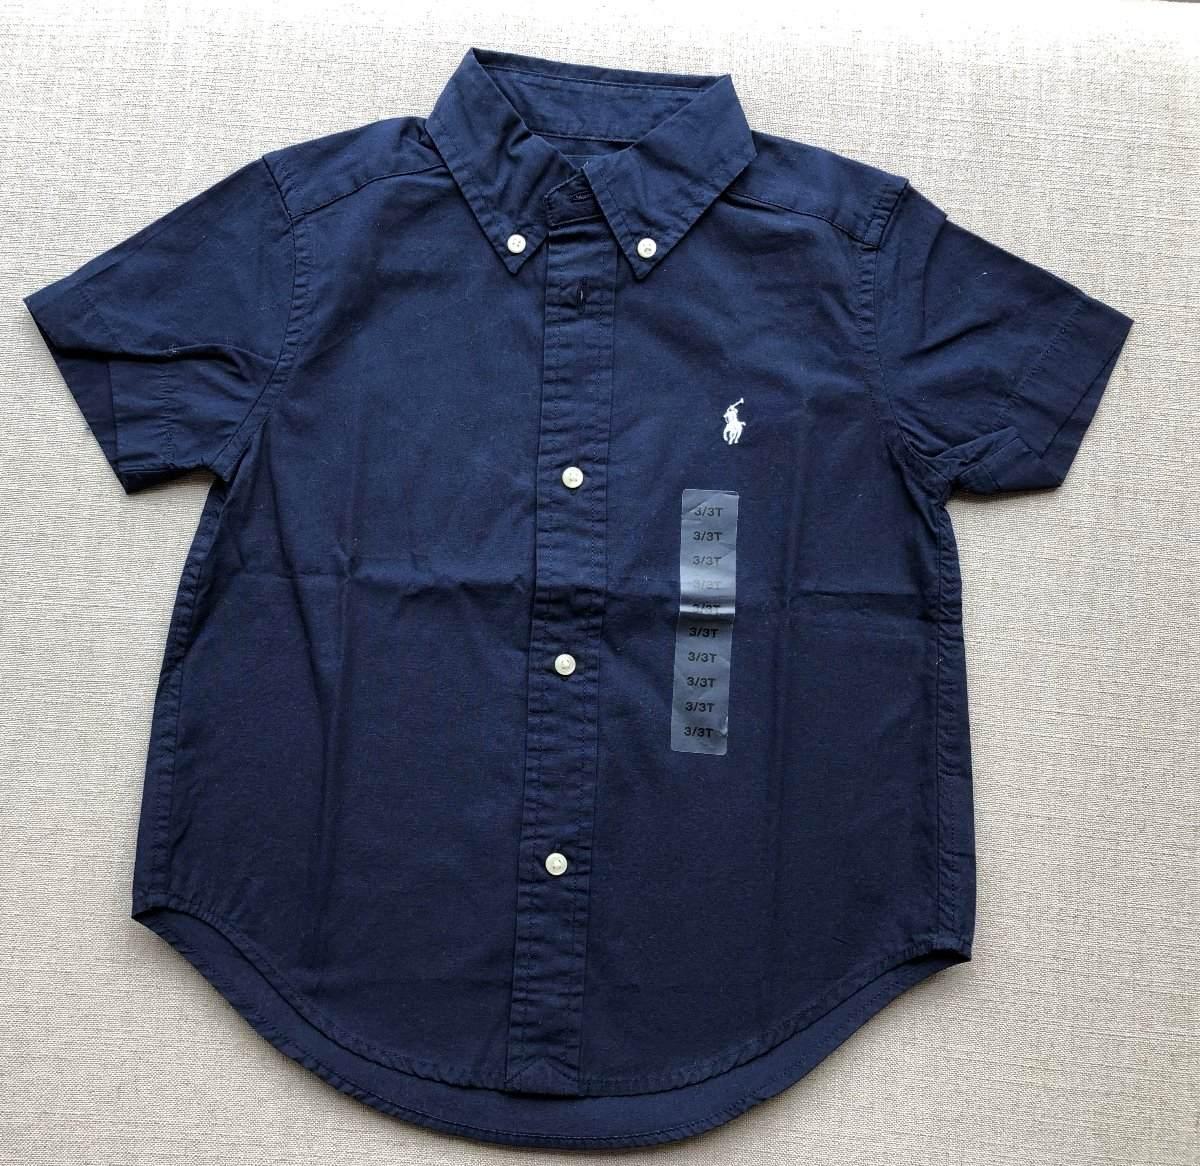 Camisa Nino Polo Ralph Lauren Talle 3 -   1.300,00 en Mercado Libre d493c32b040